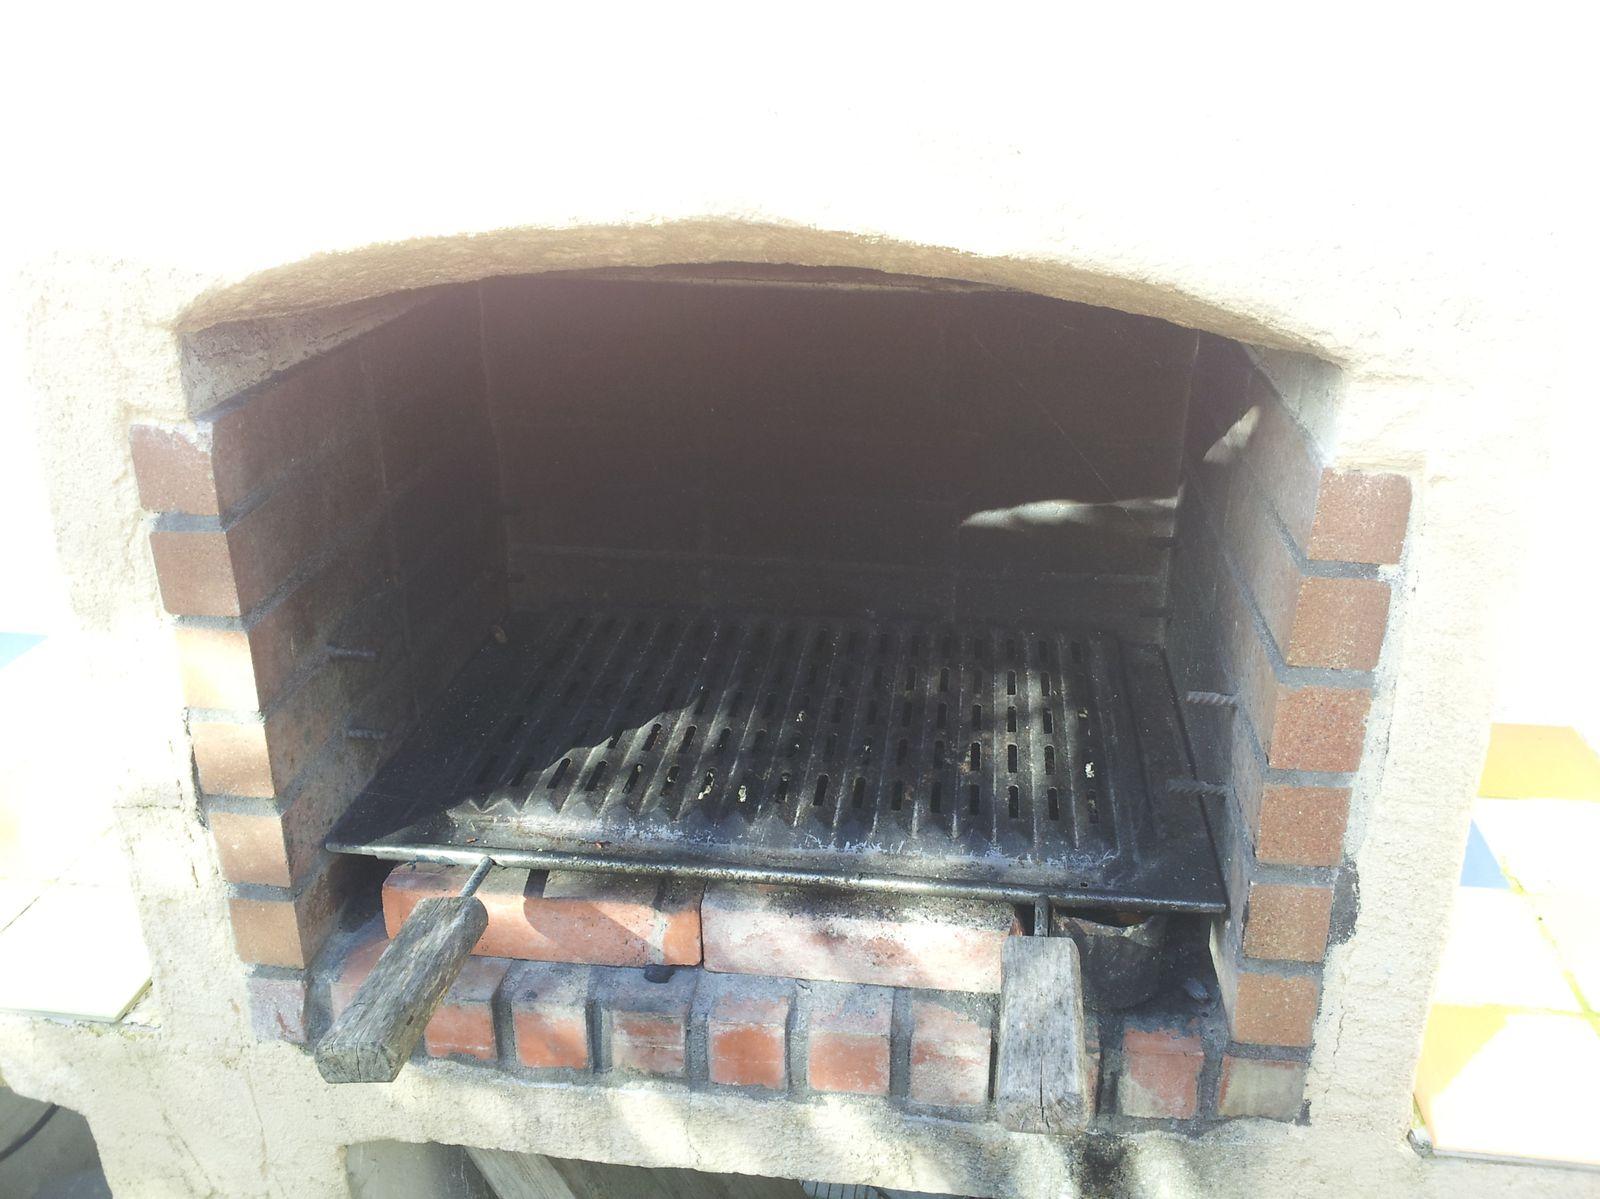 Comment Faire Un Bon Barbecue construction d'un barbecue sur mesure - renaud-le-bricolo